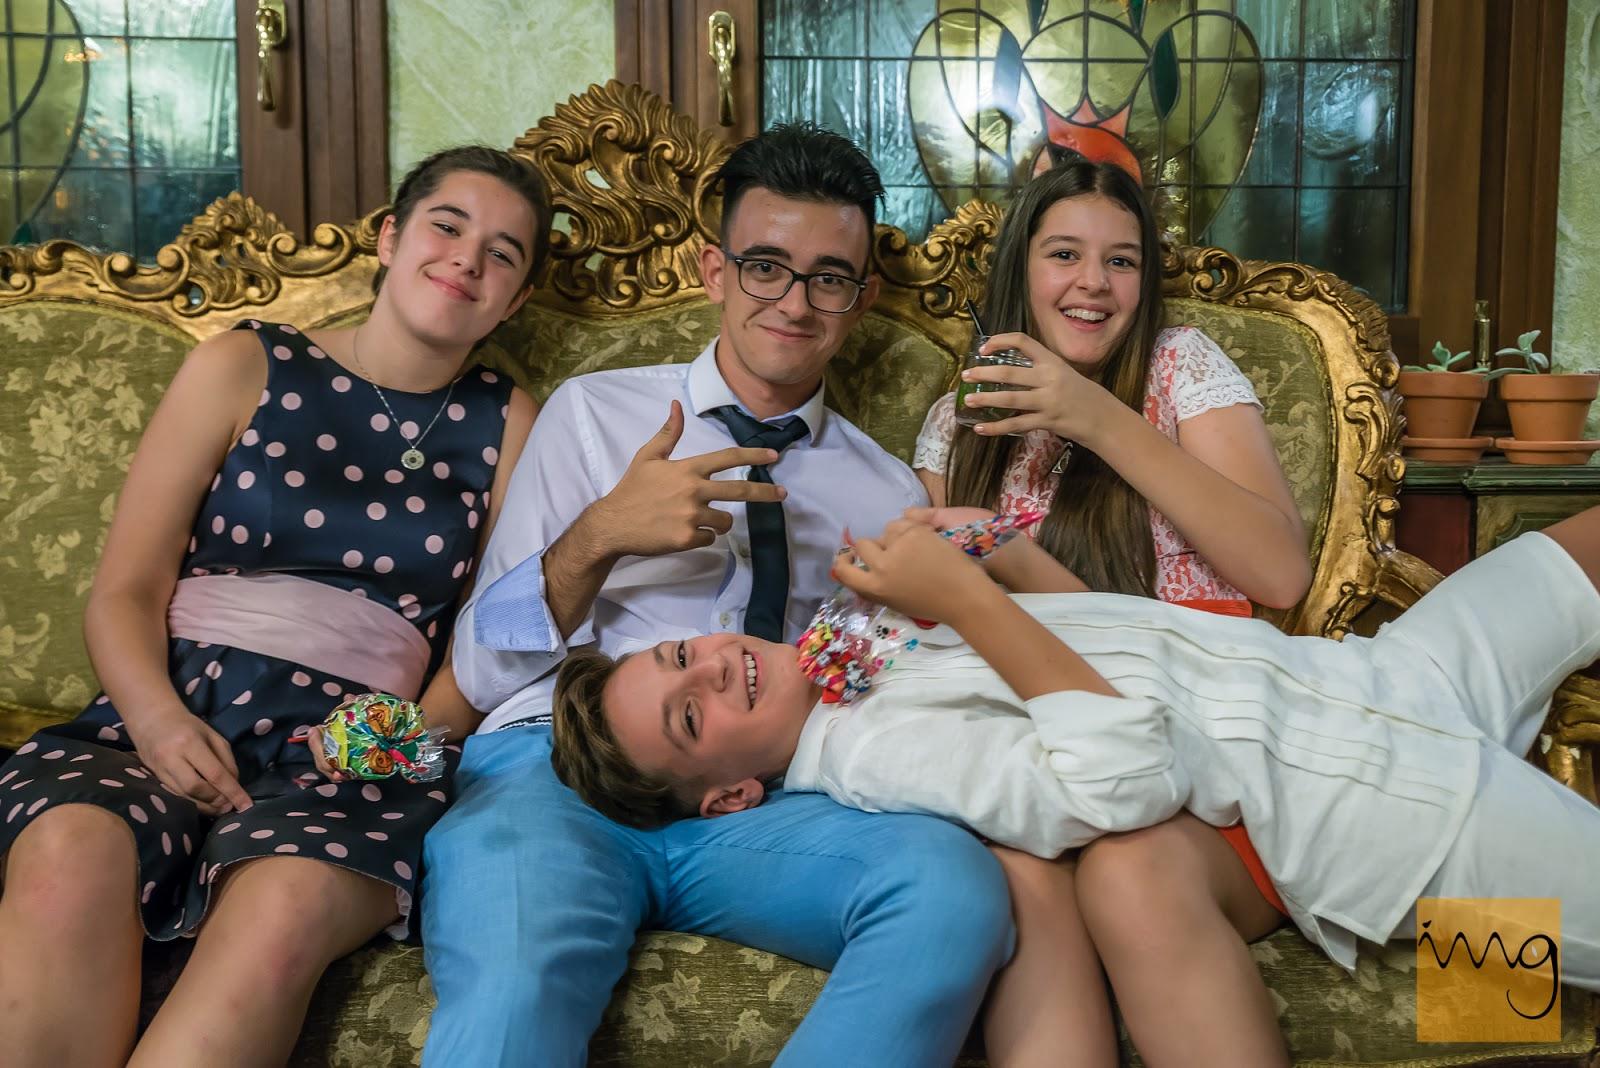 Los invitados más jóvenes de la boda